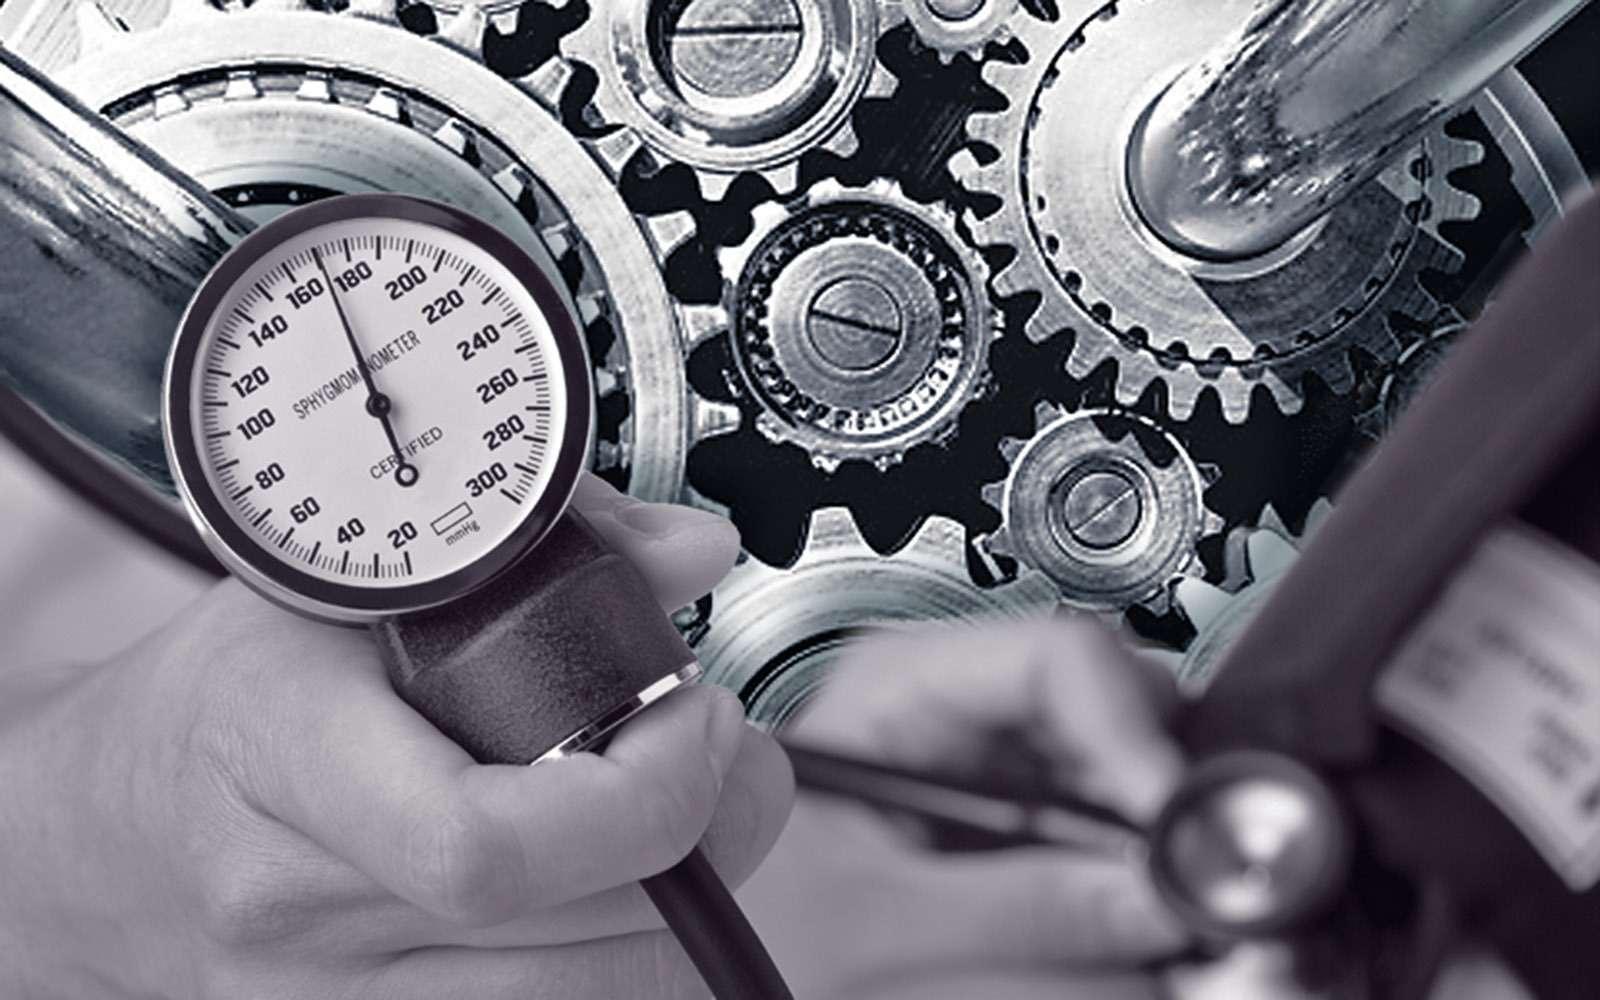 Перегрев двигателя: каков градус ответственности?— фото 761852